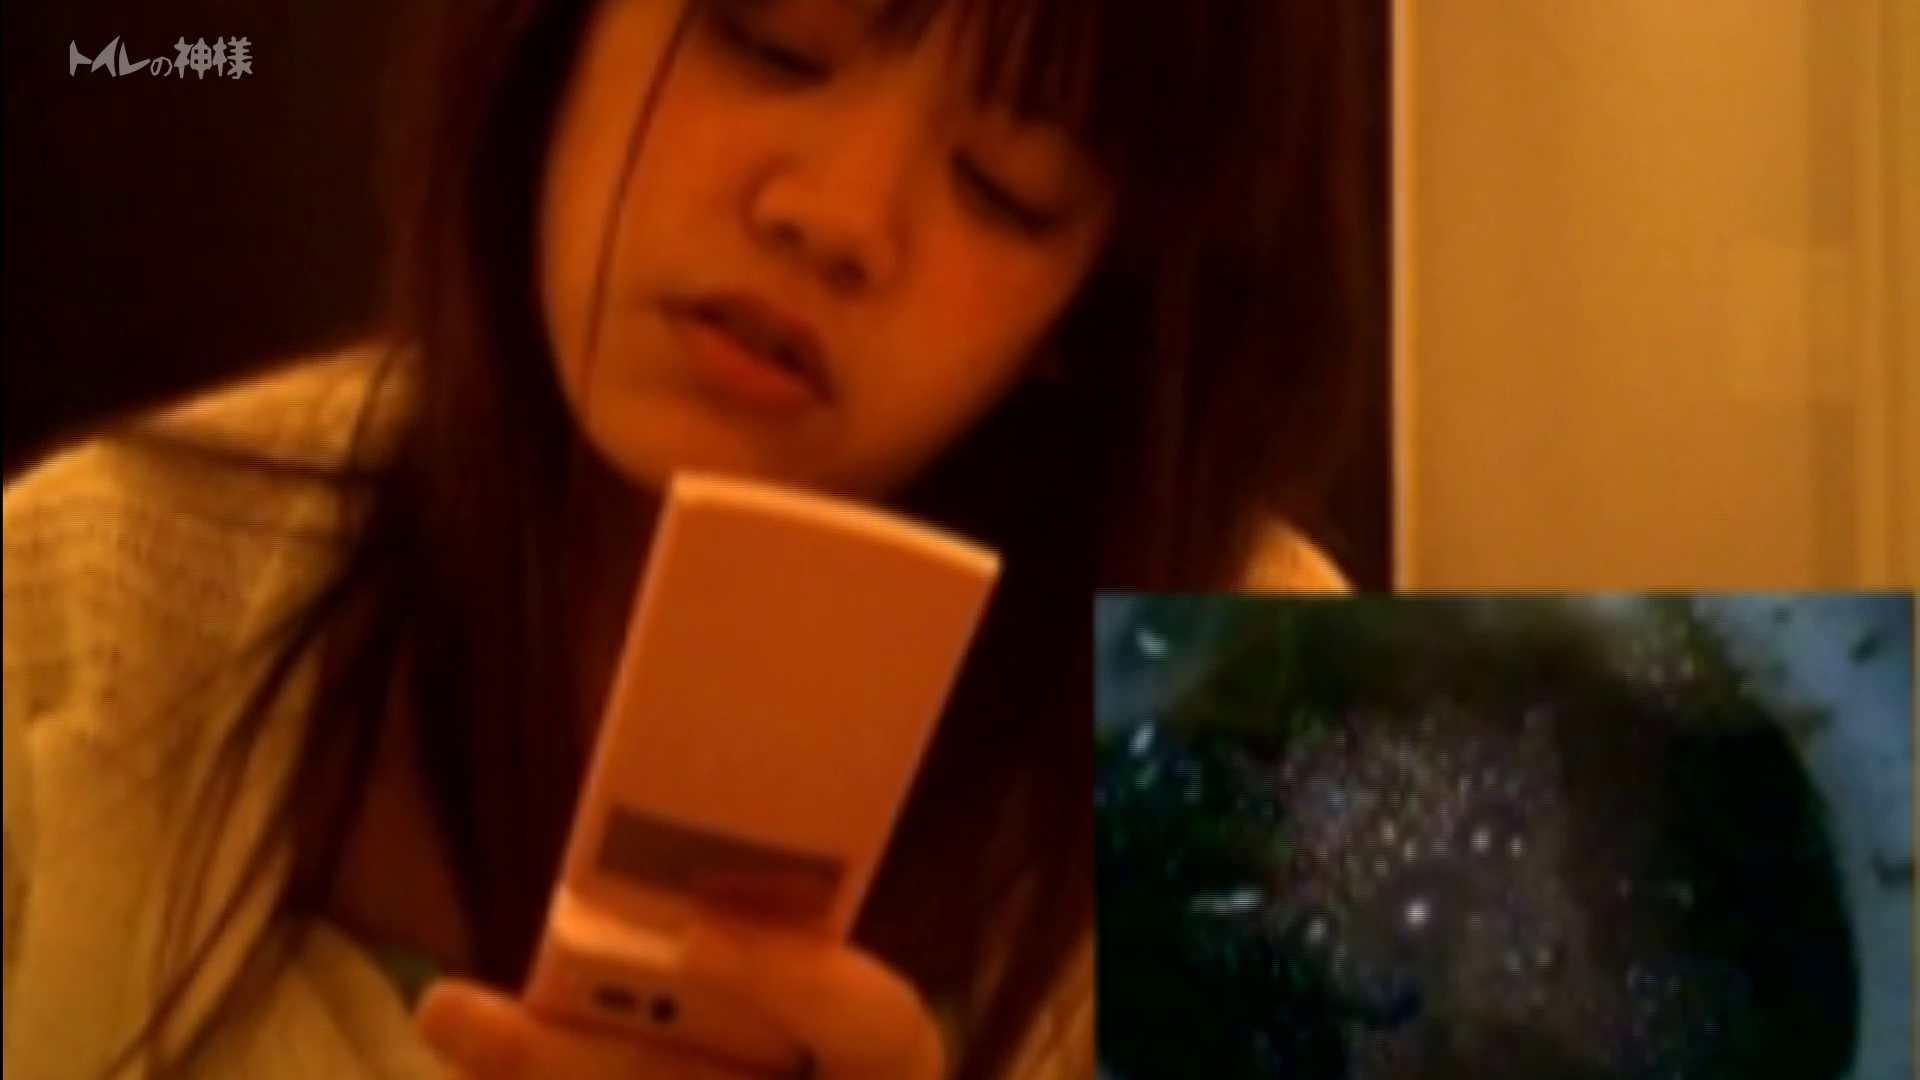 無修正エロ動画:トイレの神様 Vol.03 彼女のうんち隠し撮り:怪盗ジョーカー